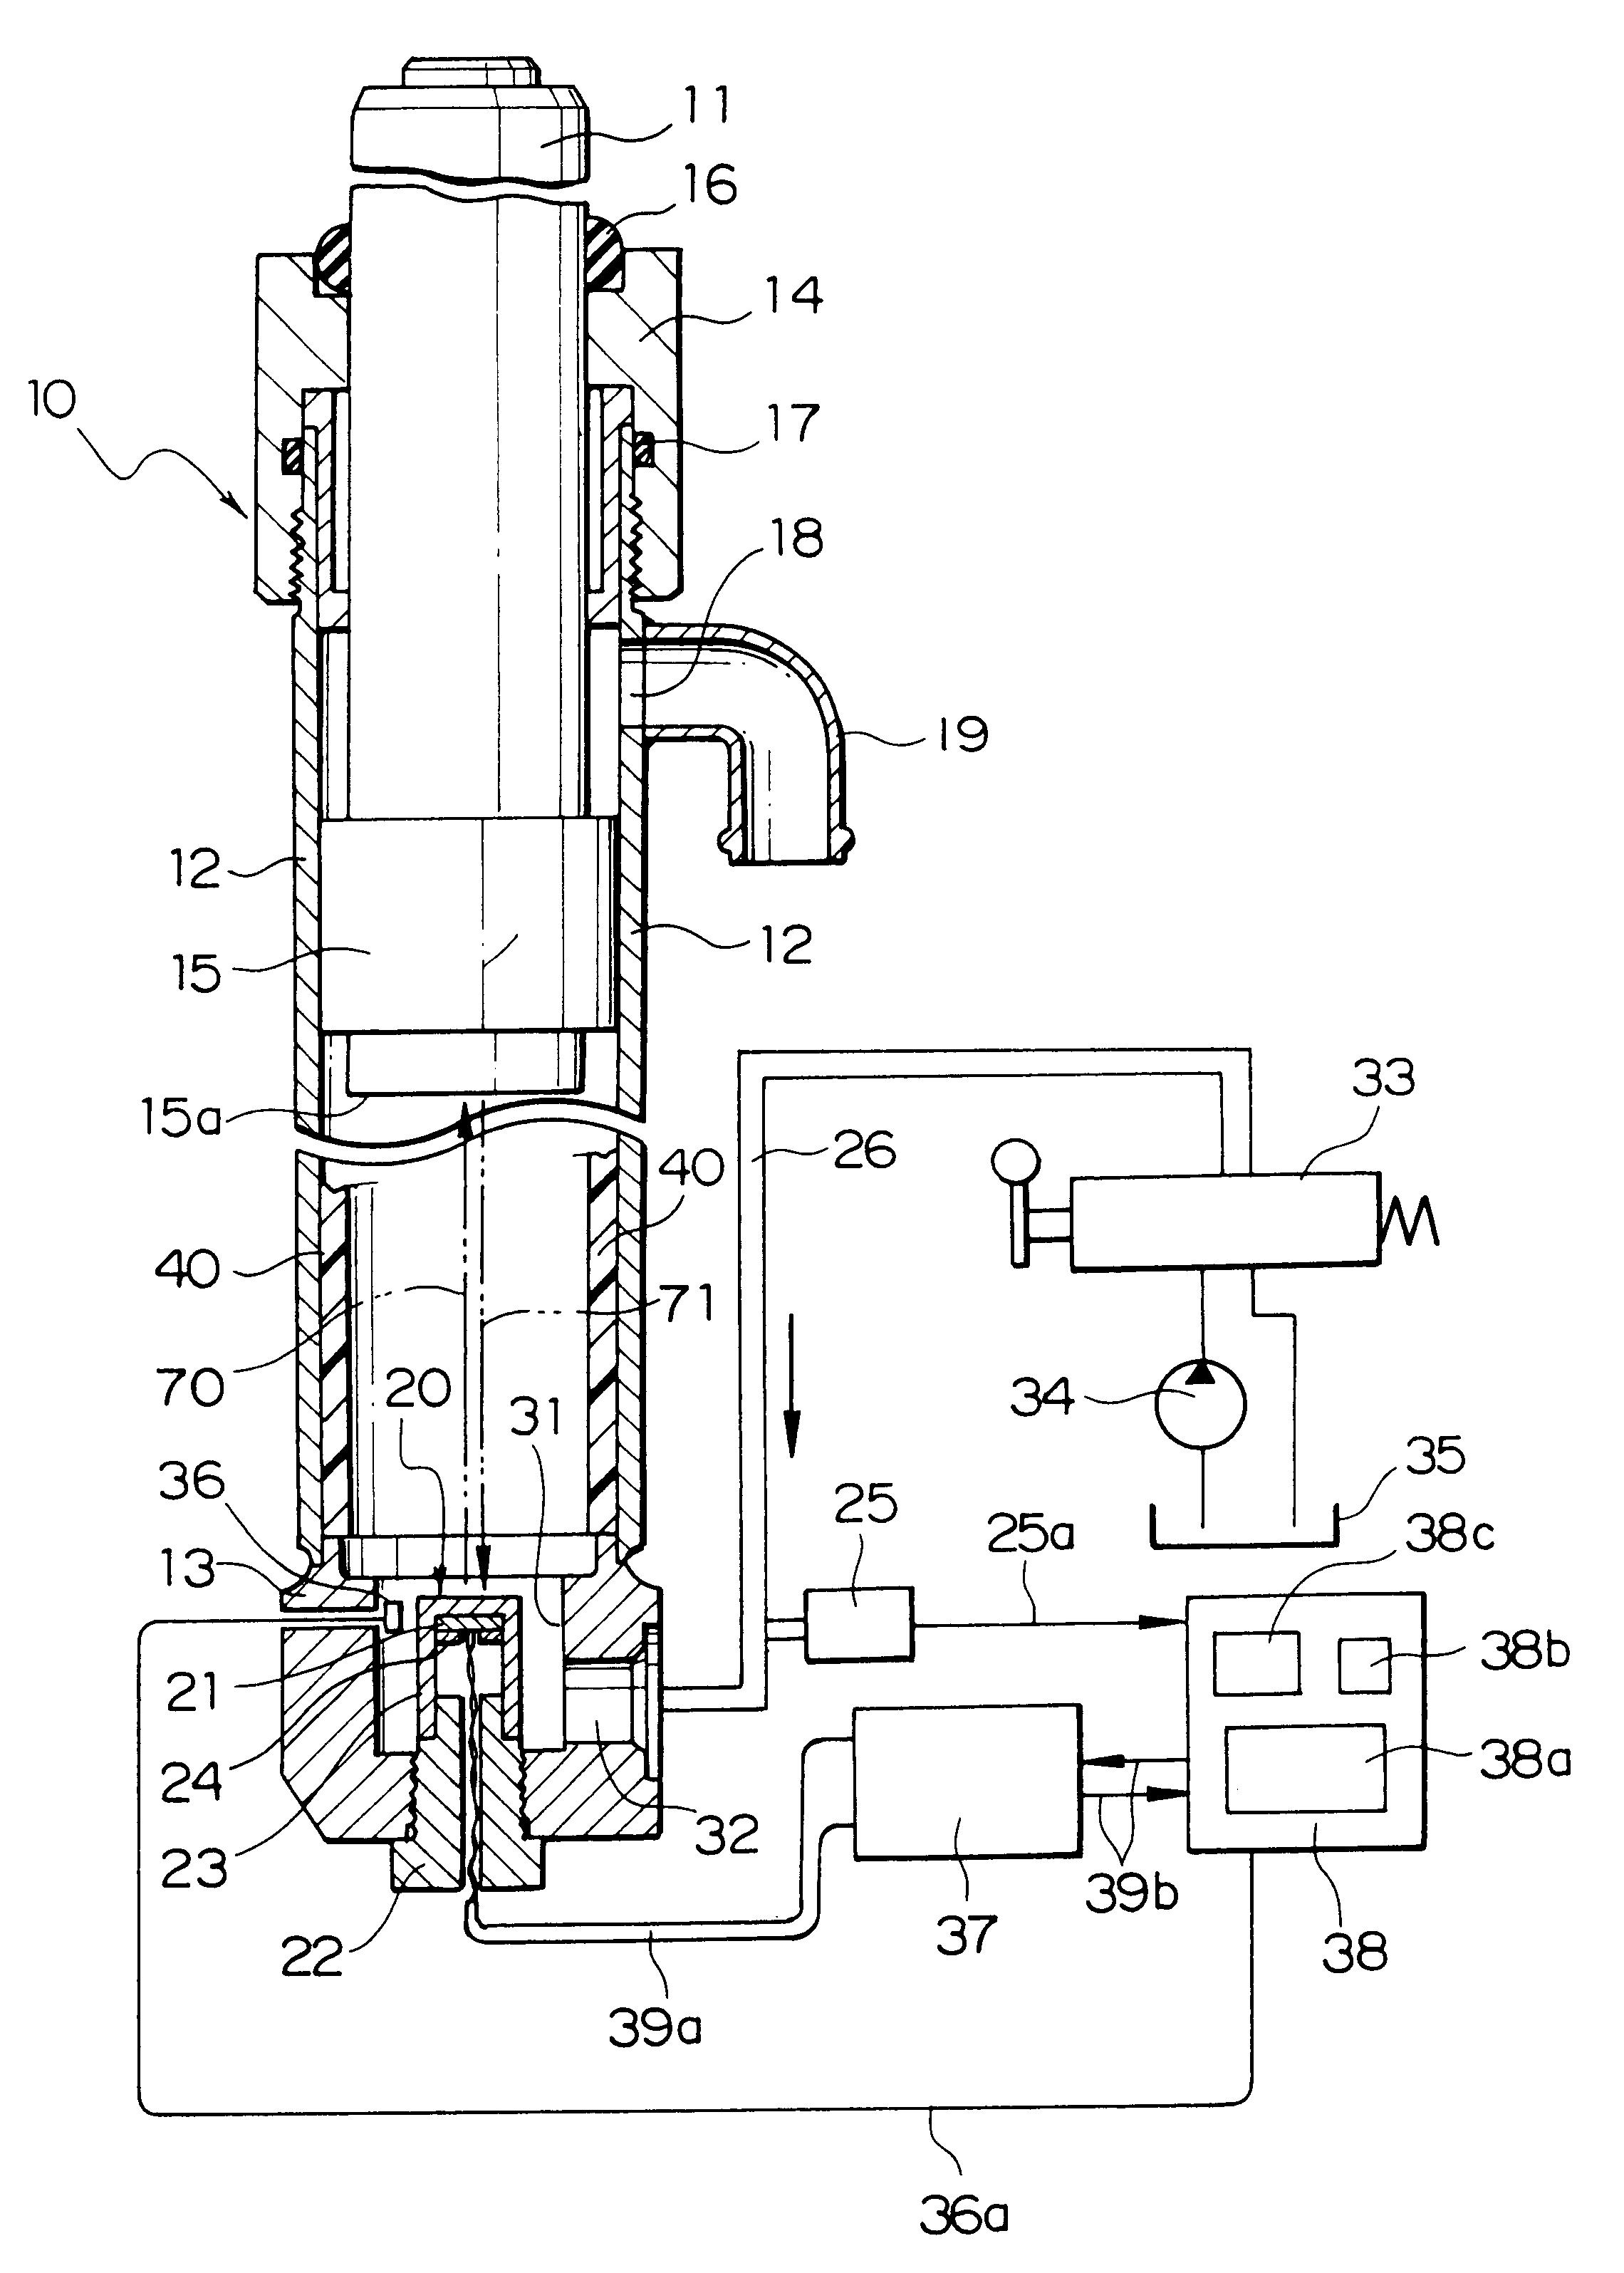 براءة الاختراع US6549873 - Position detecting device for